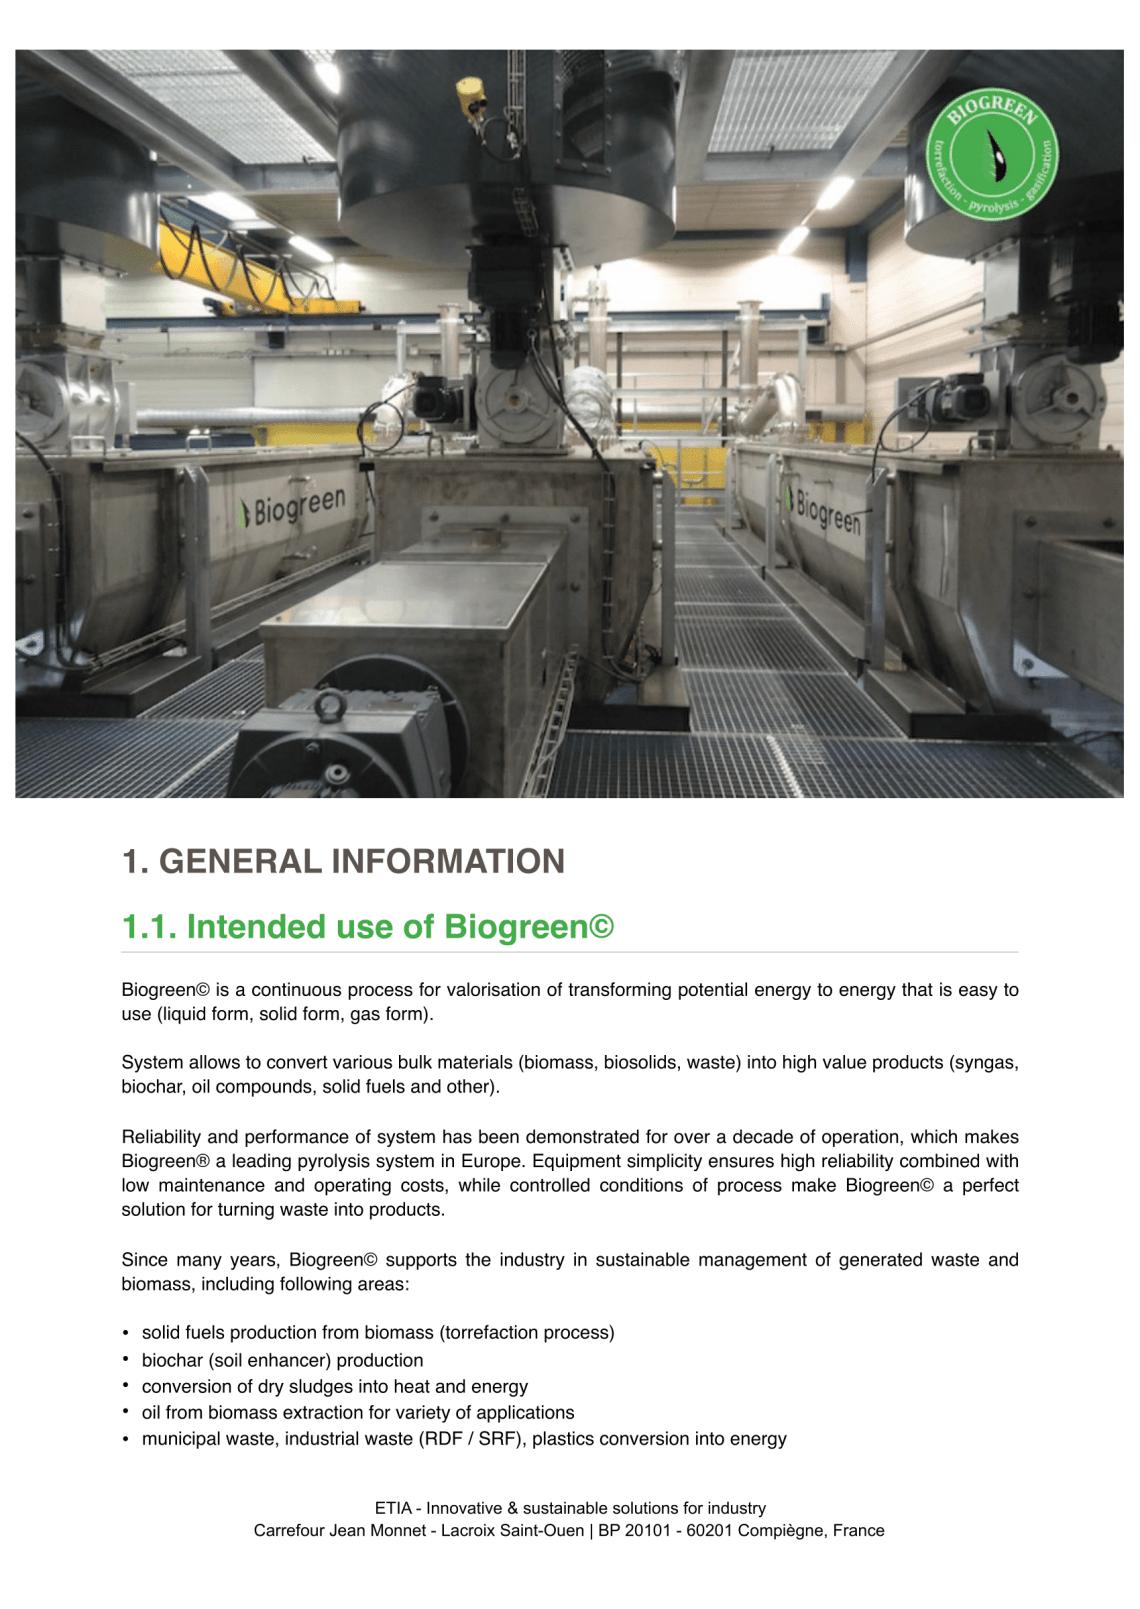 熱分解装置 biogreen 概要 利用目的 2018.1.7